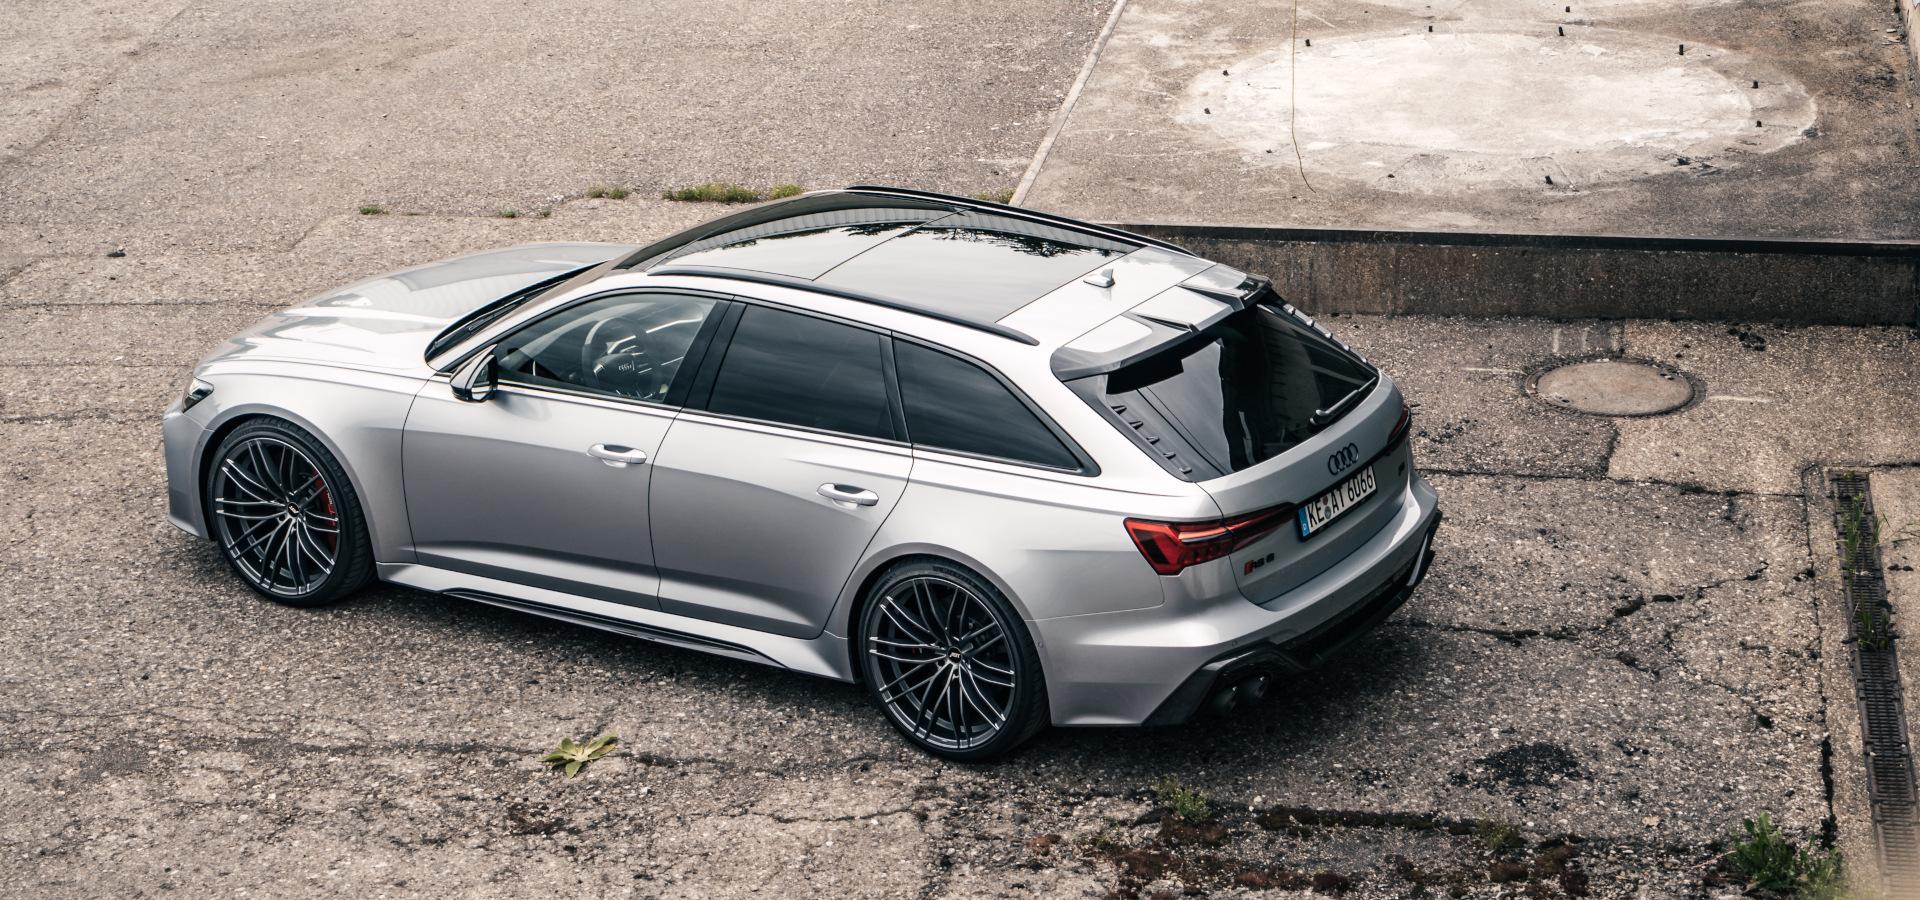 Kelebihan Audi Rs6 2016 Spesifikasi